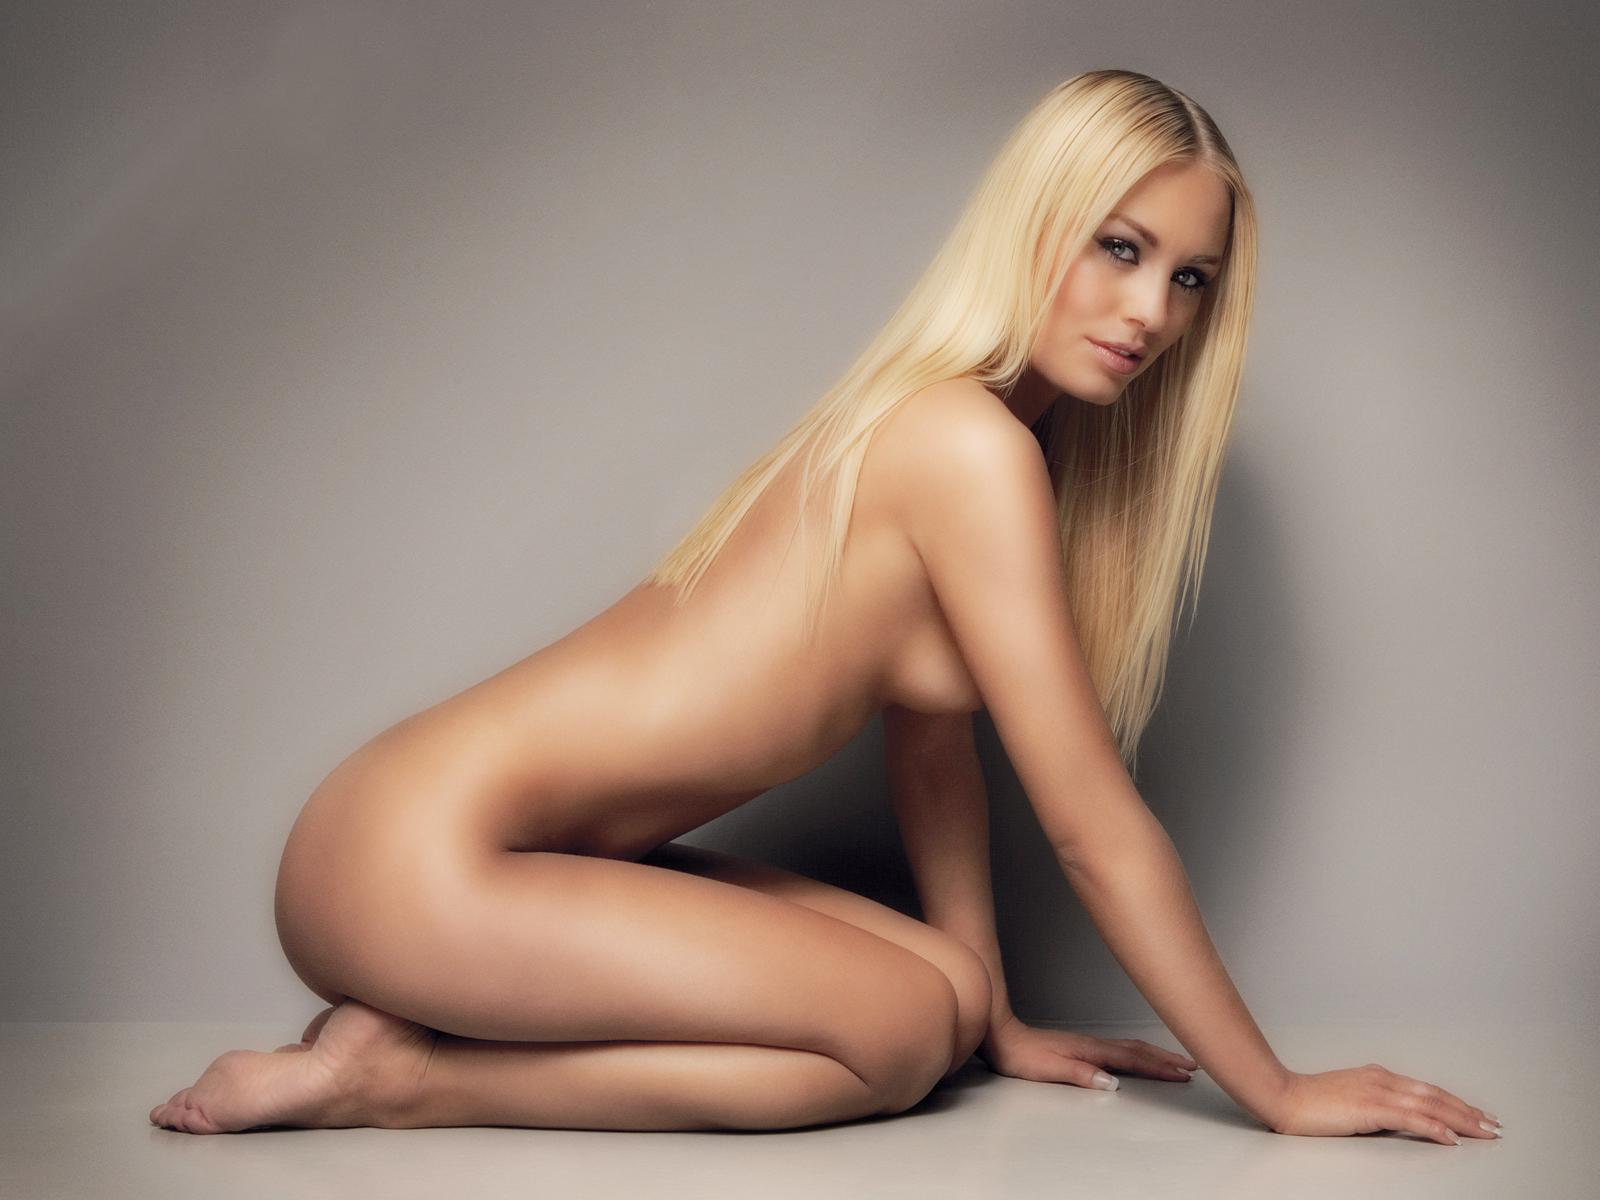 Фото самых красивых девушек голые 4 фотография